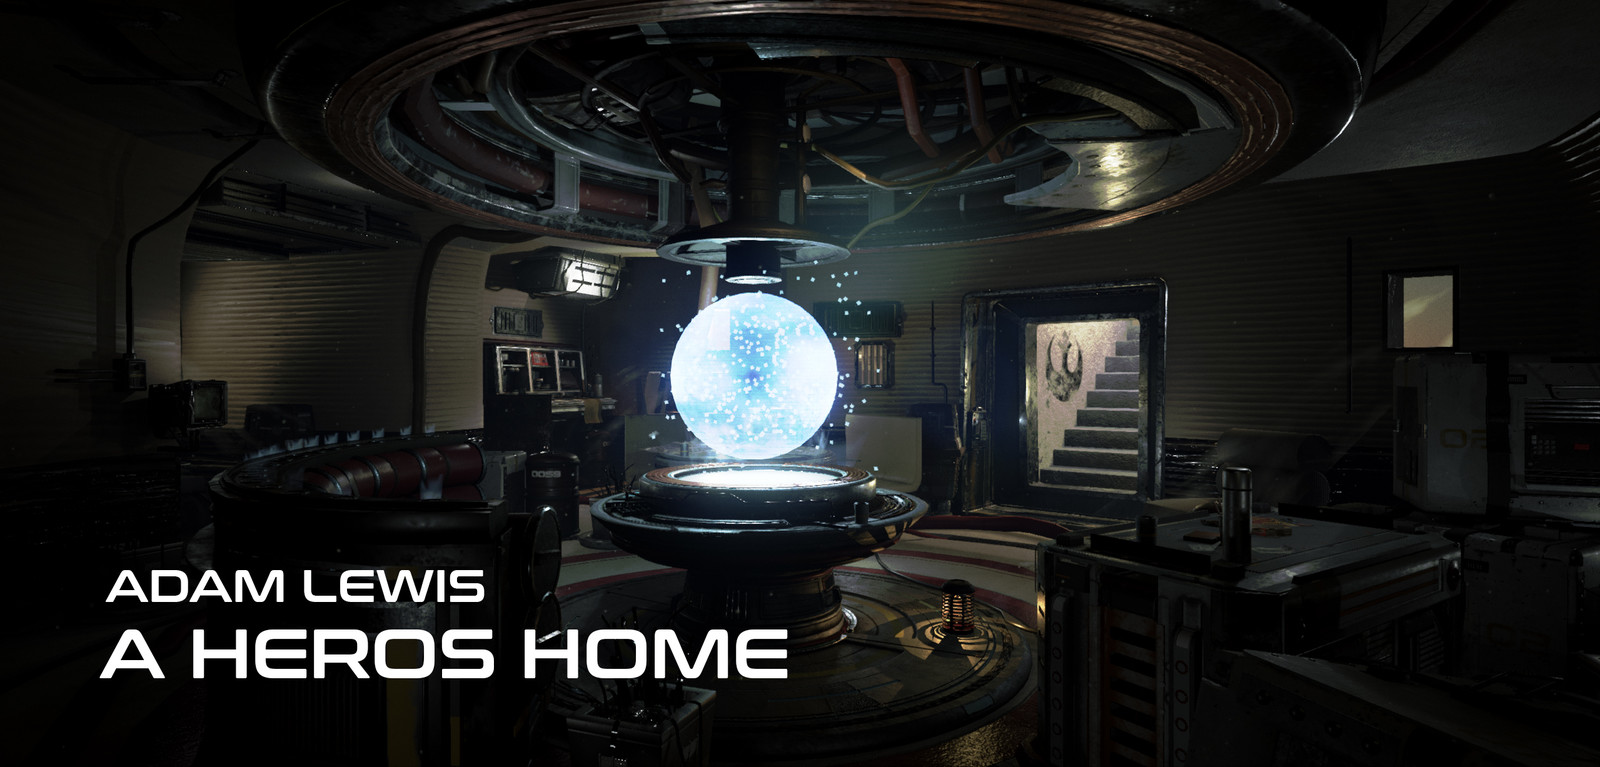 A Heros Home